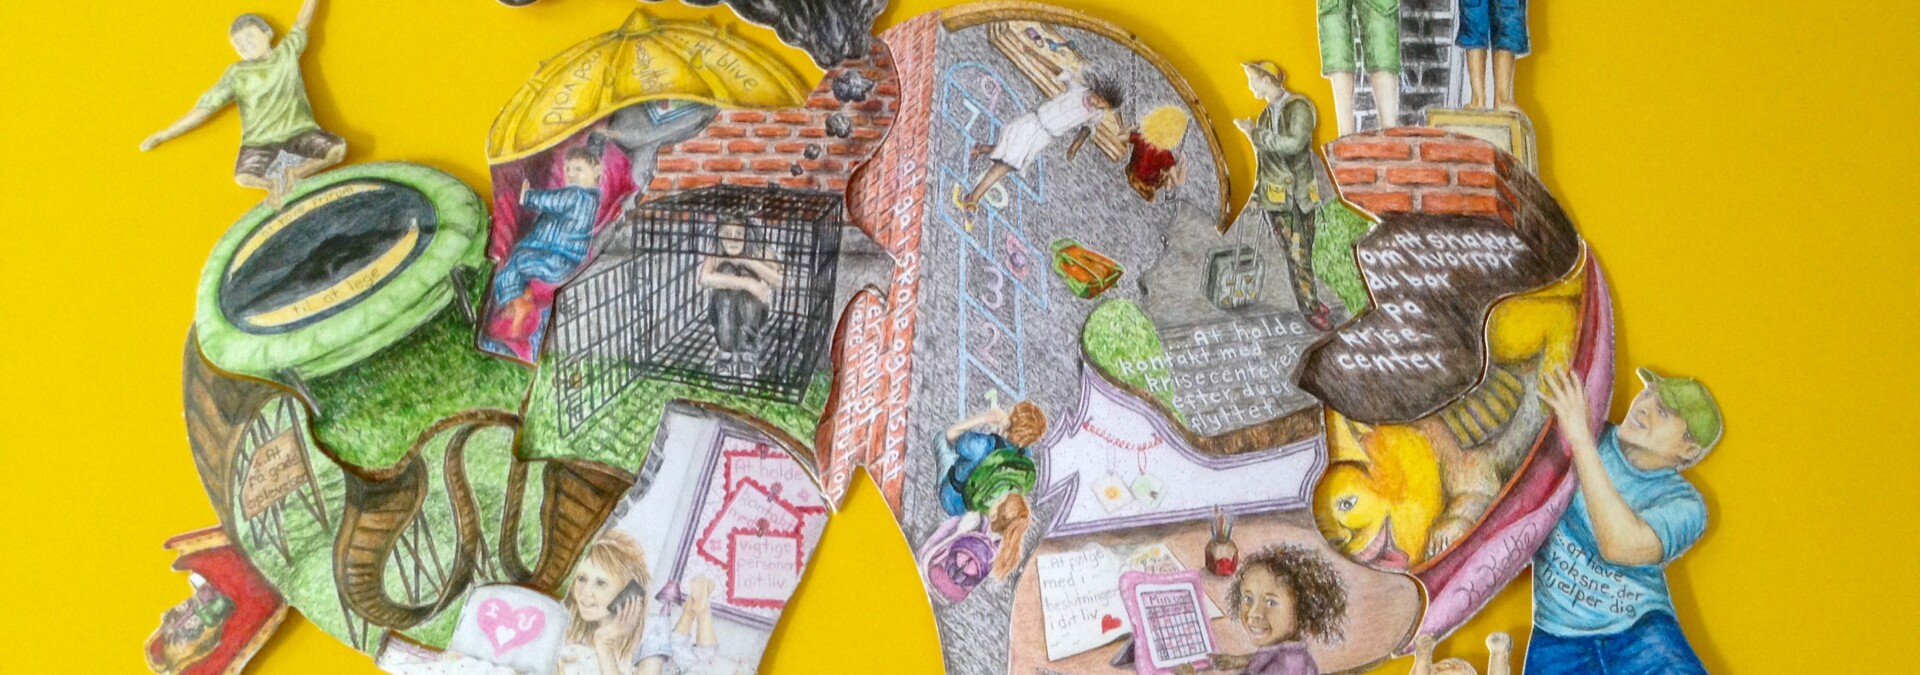 Puslespil med tegninger af rettigheder for børn på krisecenter